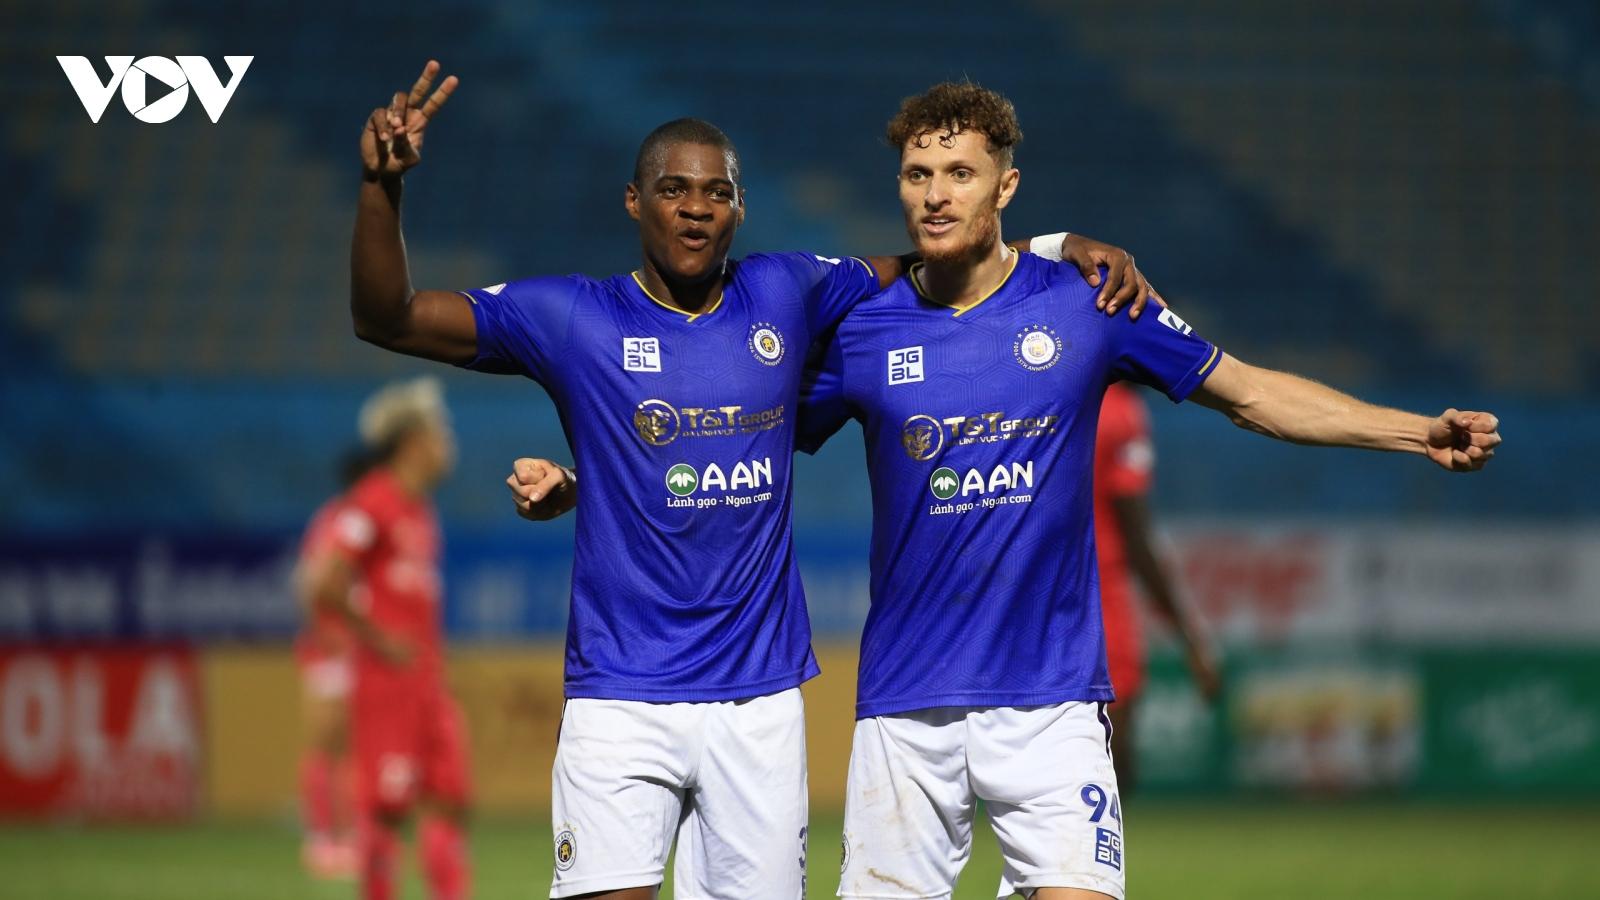 Bảng xếp hạng V-League 2021 mới nhất: HAGL sảy chân, Hà Nội FC áp sát top 6